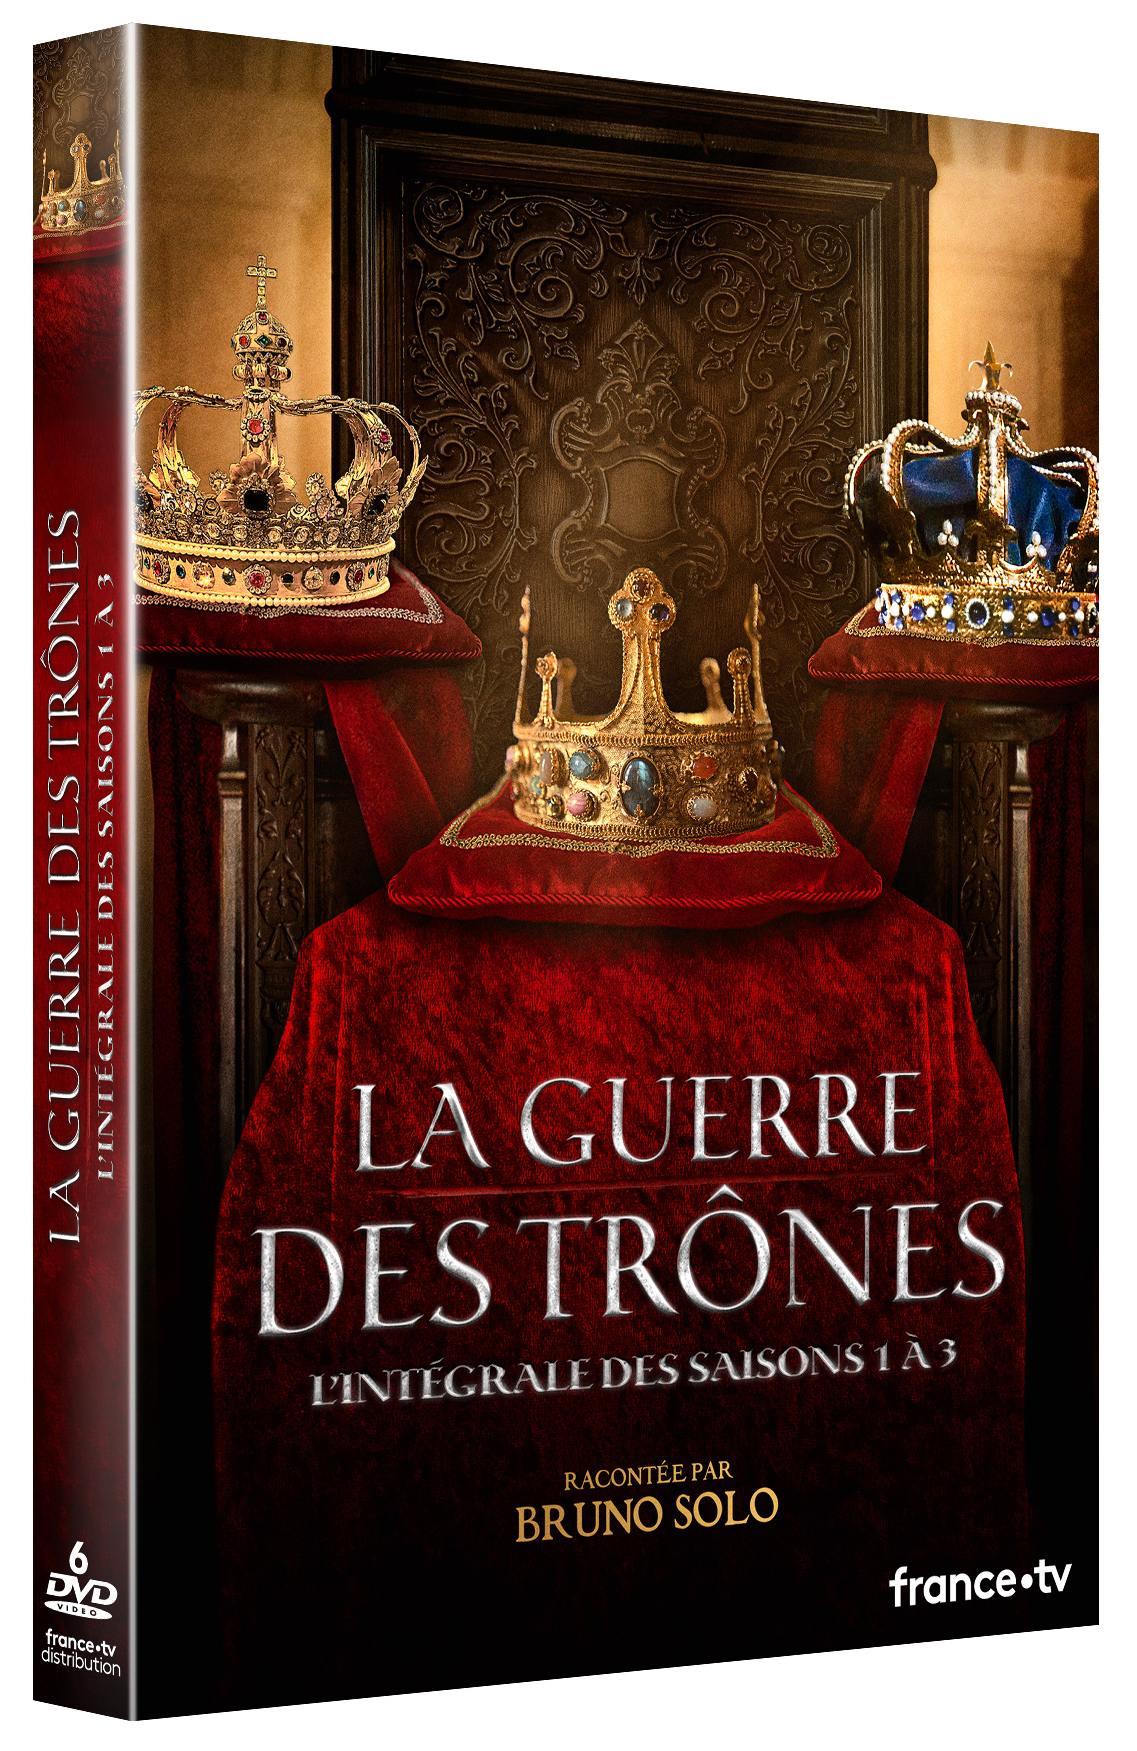 Guerre des trones (la) - s1 a s3 - 6 dvd